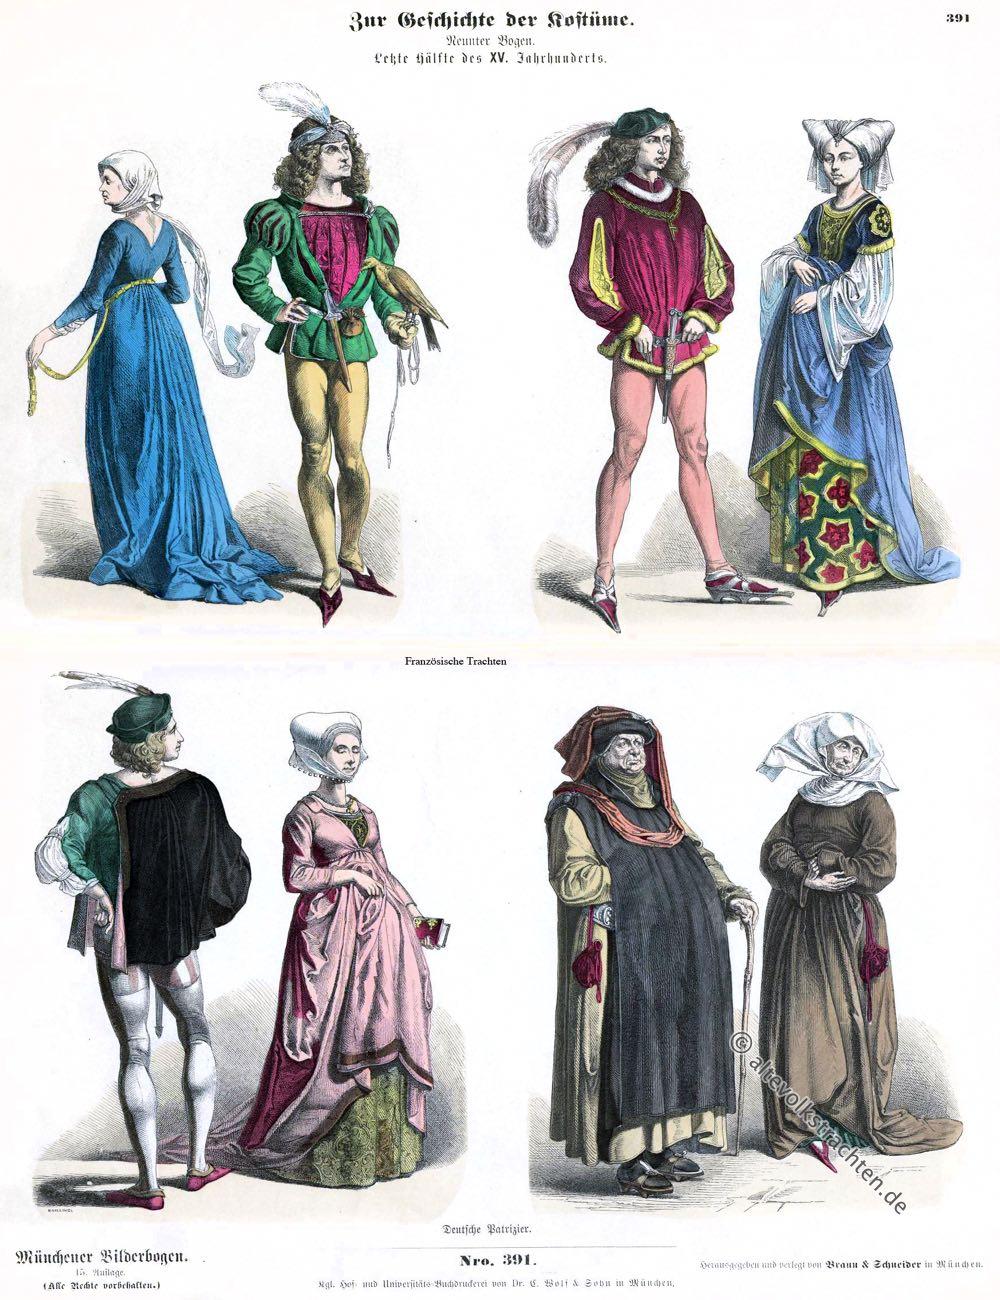 Münchener Bilderbogen, Patrizier, Burgund, Mittelalter, Mode, Kostüme, Gotik